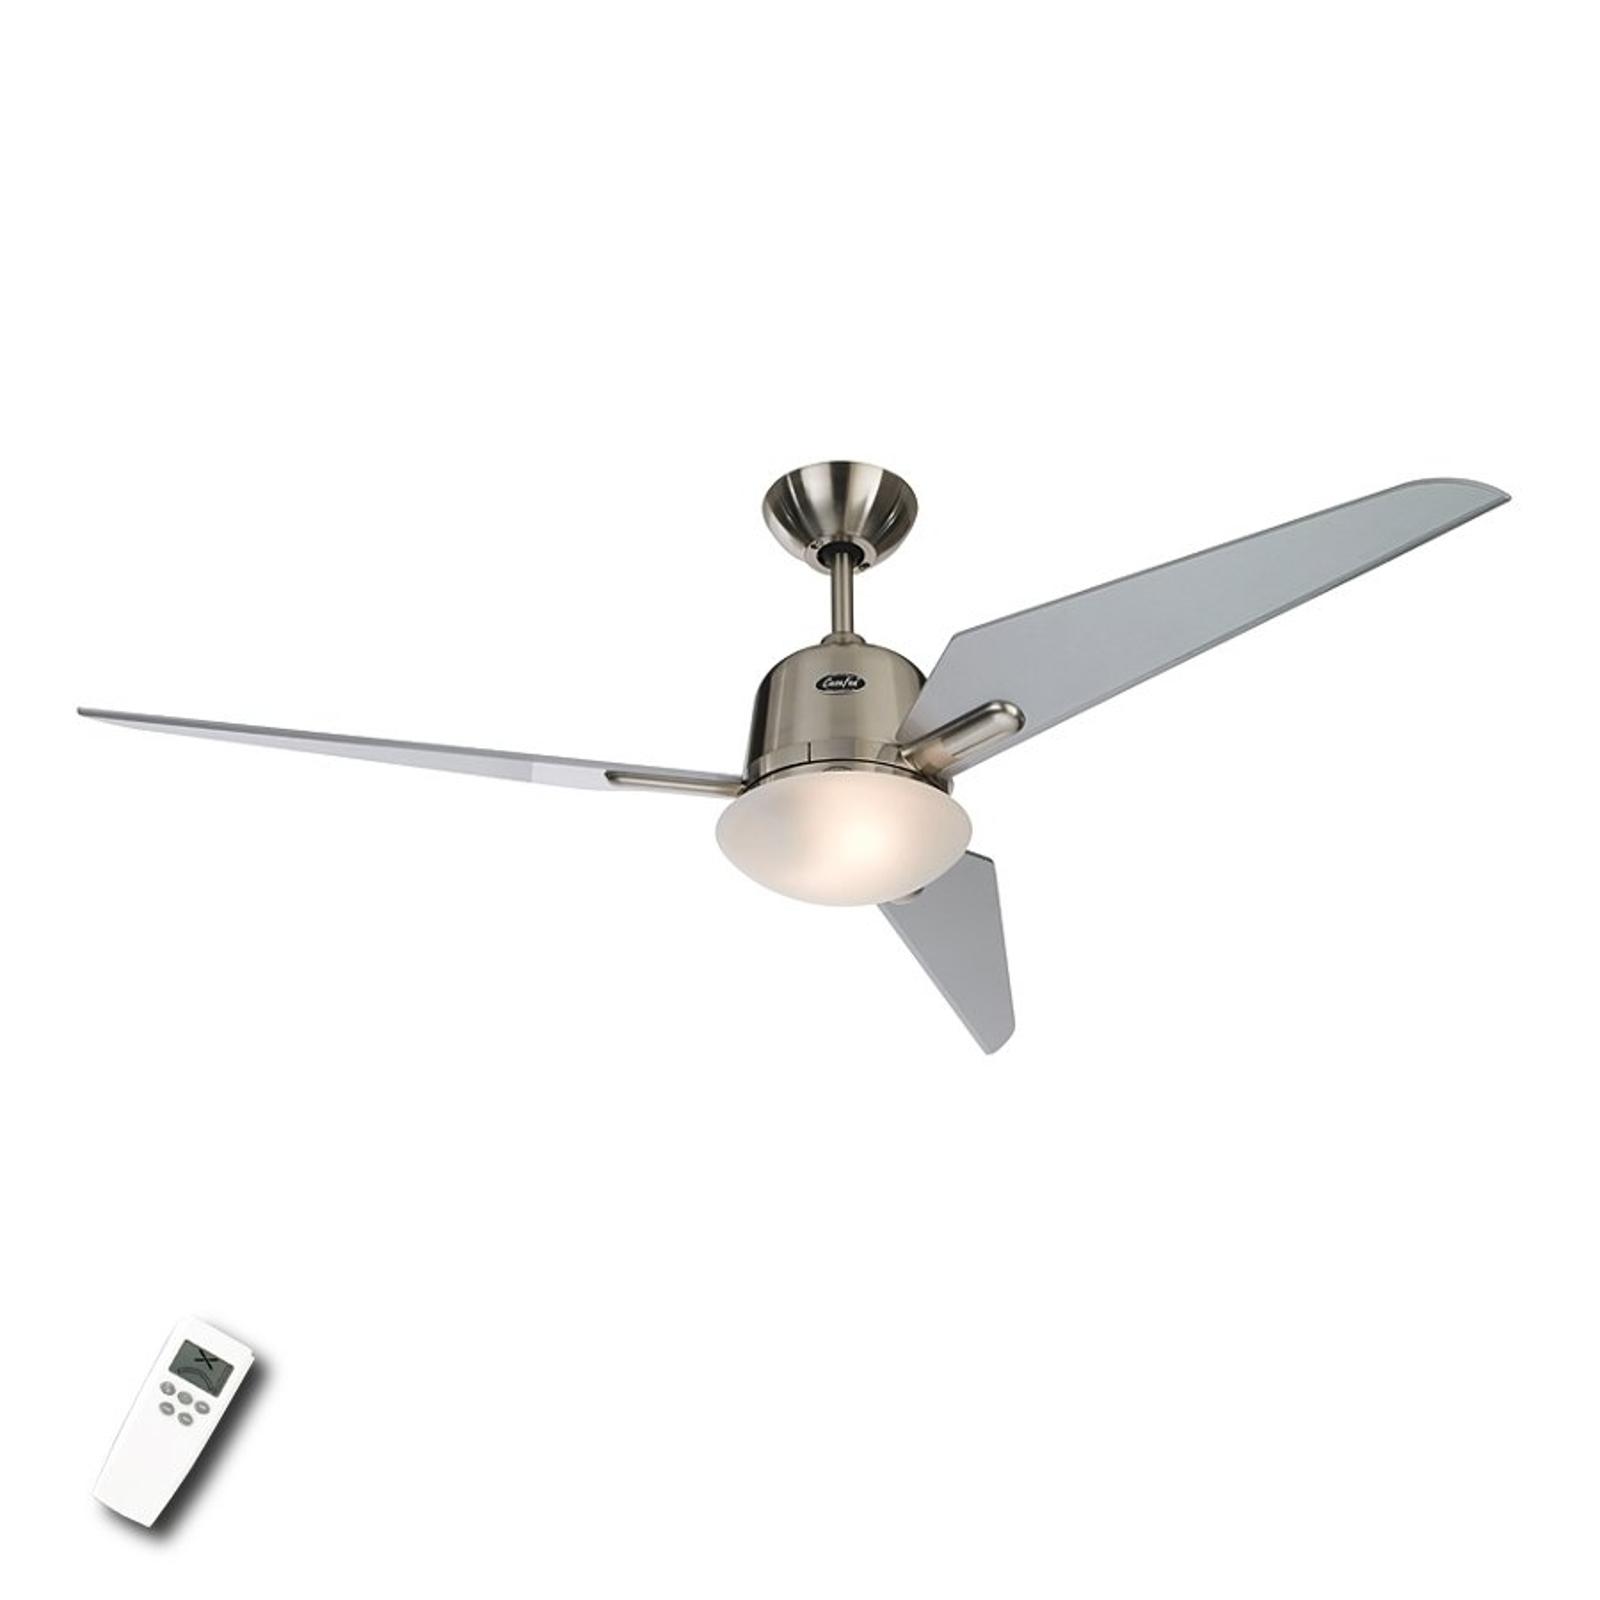 Ventilador de techo Eco Aviatos plateado 132 cm